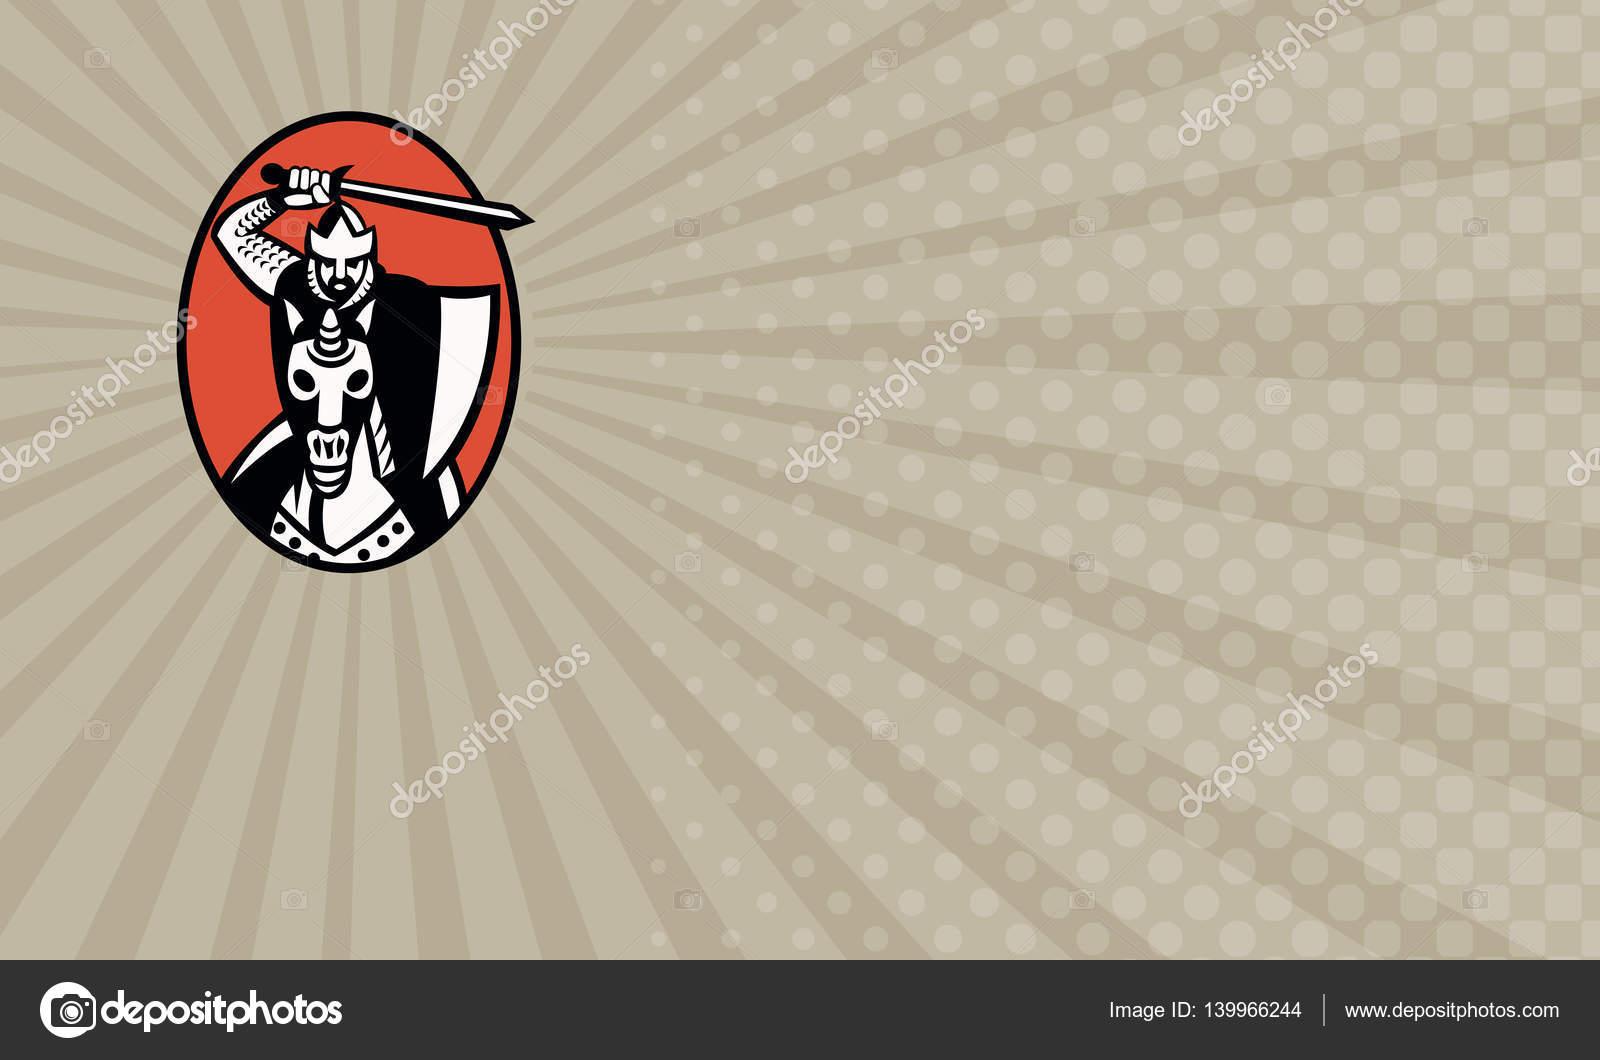 Crusaders Security Business card — Stock Photo © patrimonio #139966244